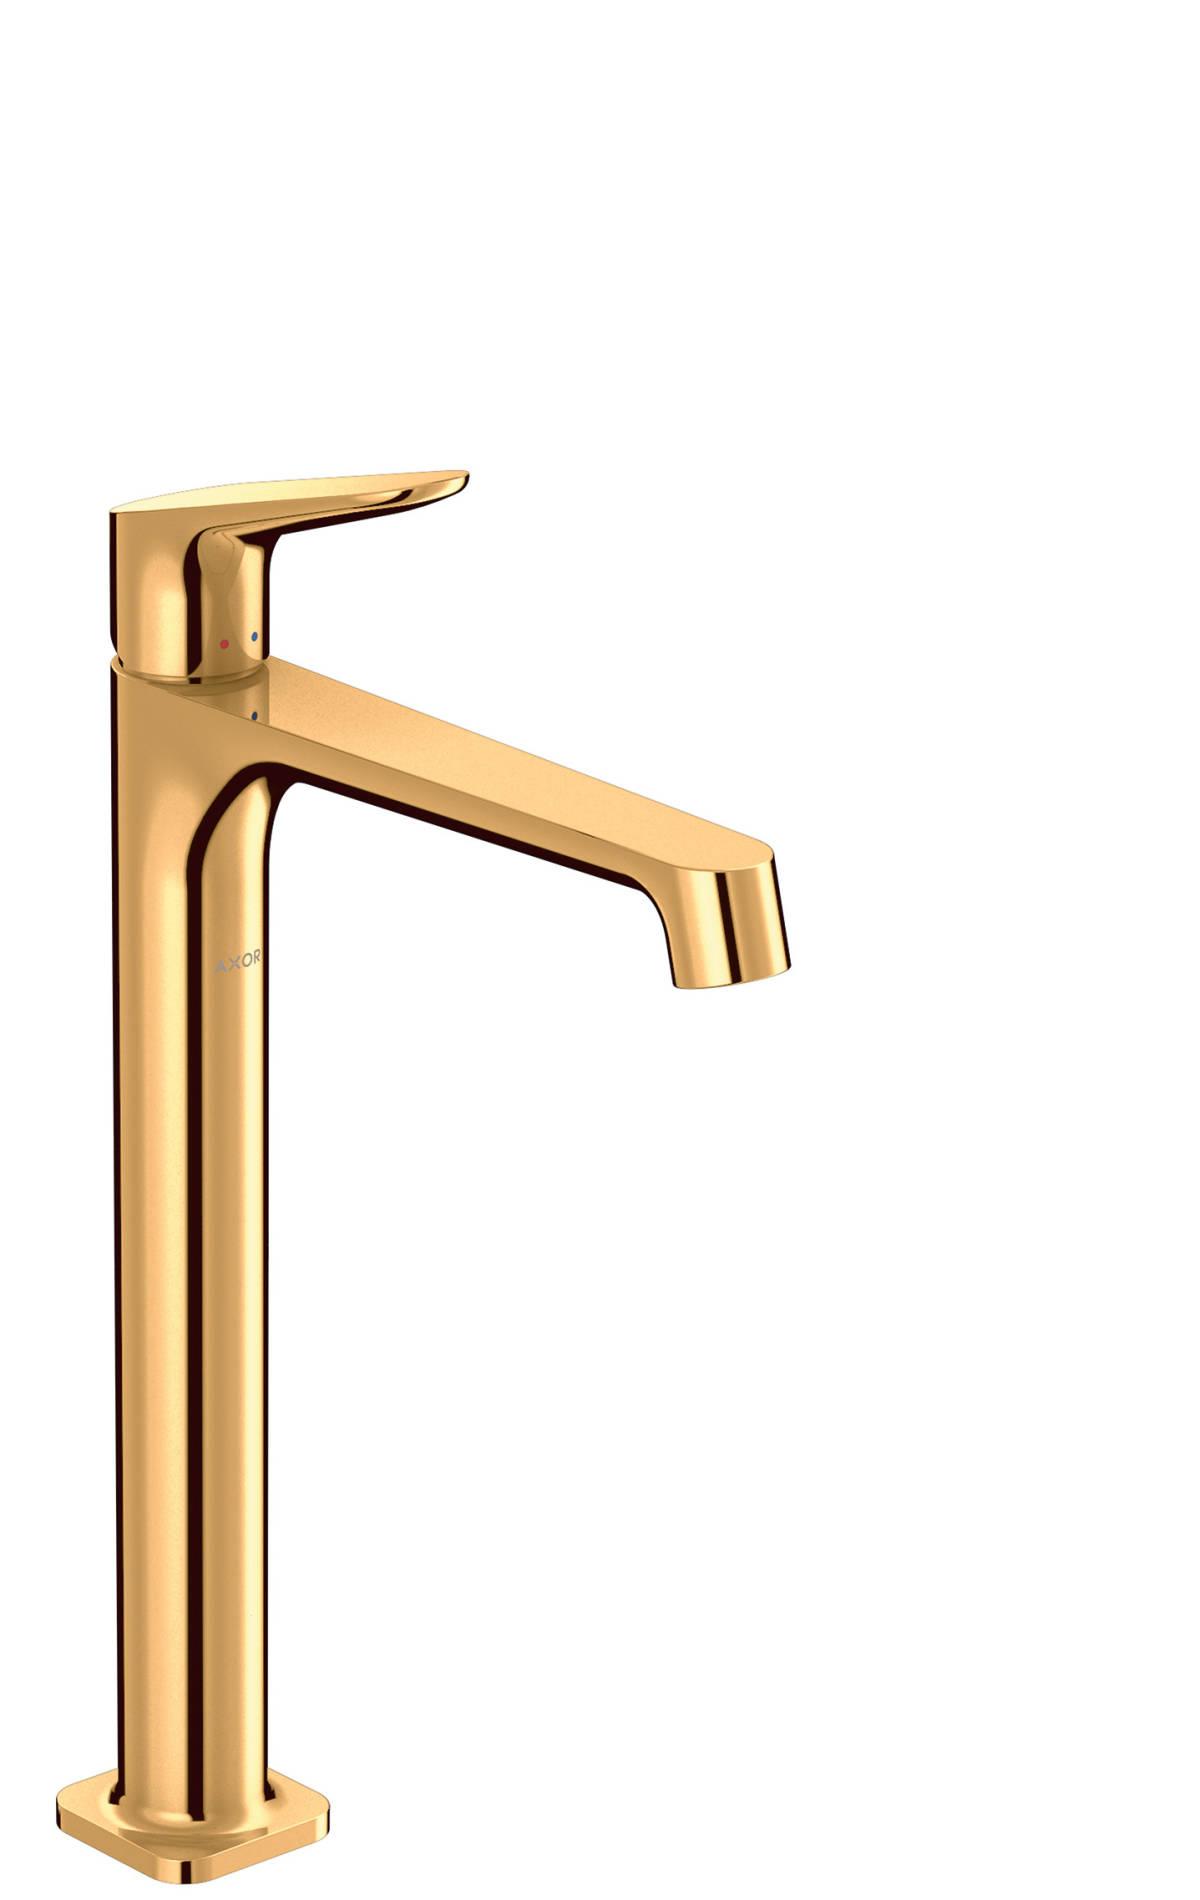 Mezclador monomando de lavabo 250 con vaciador, color oro pulido, 34127990